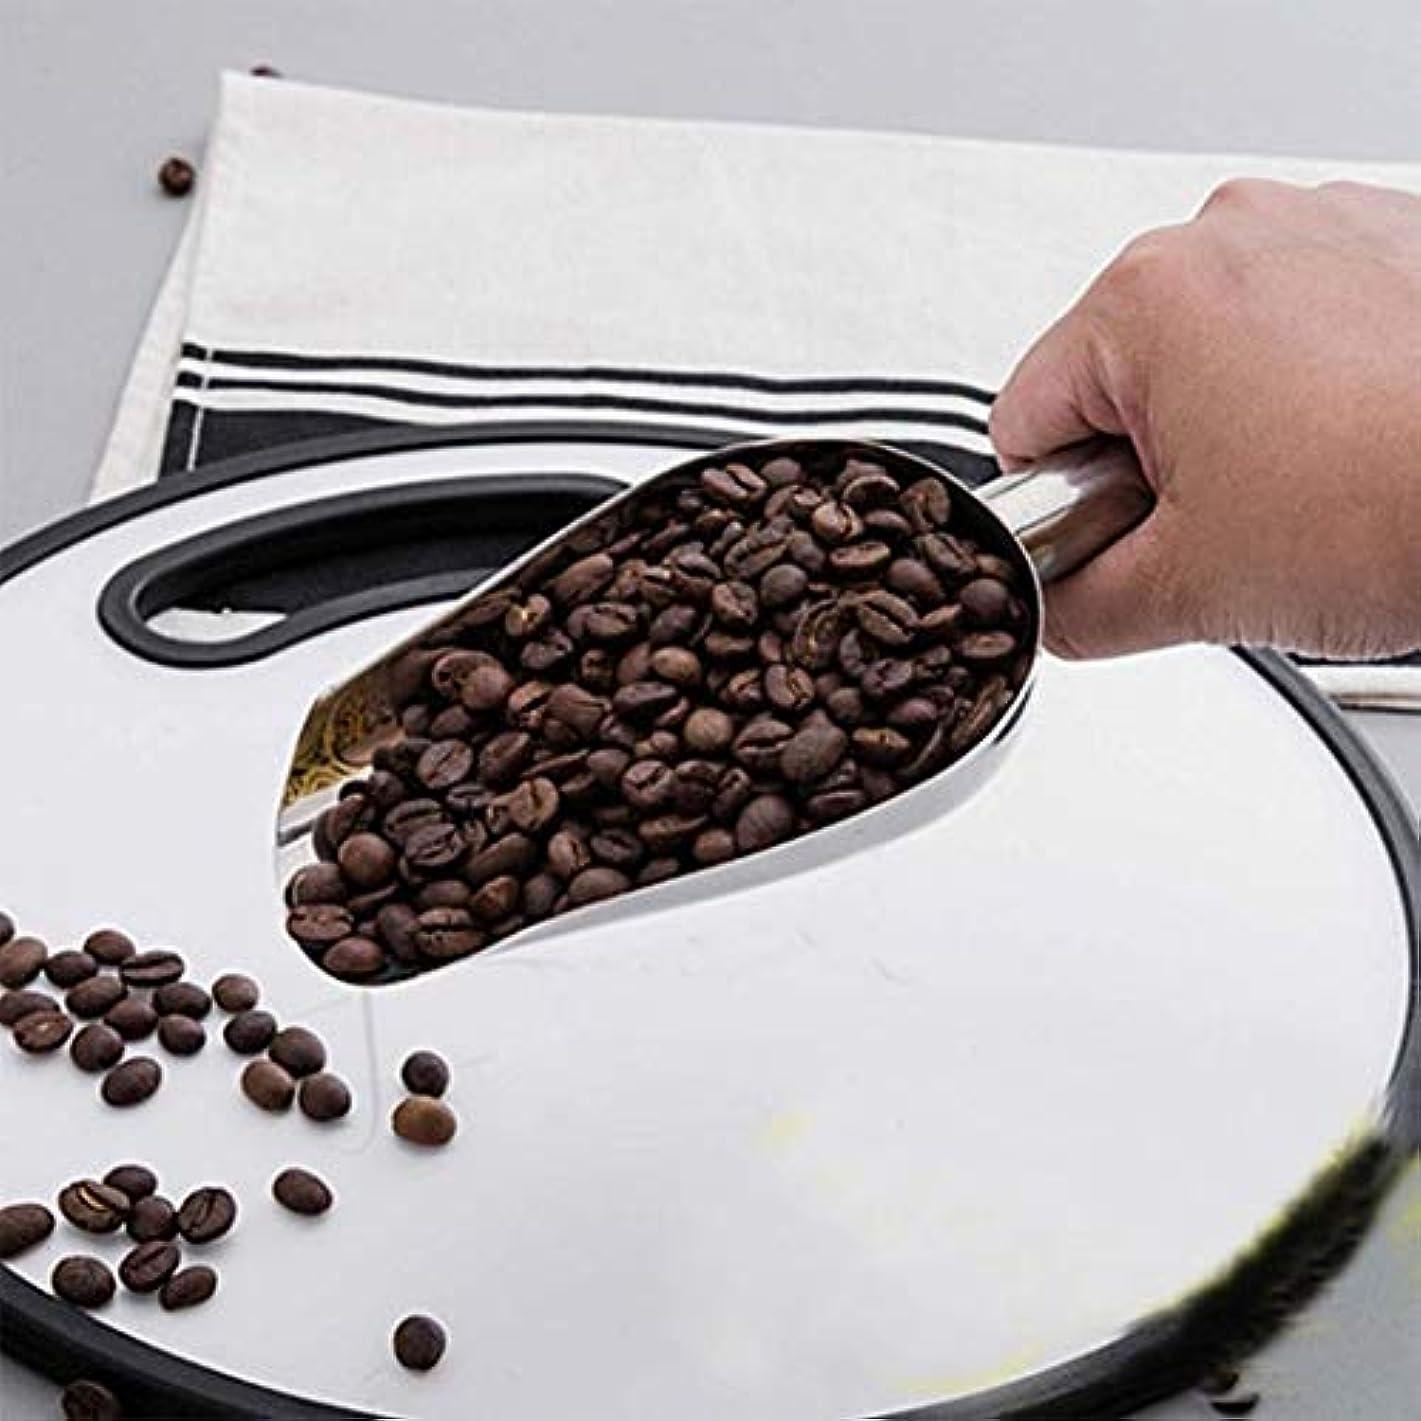 世界法律規則性Ocamo 機能的ステンレススチール製スクープ キッチン バー シュガー フロア ビュッフェ ドライフード 12 inches WXL-XX-HOME-1108-BD9C966195